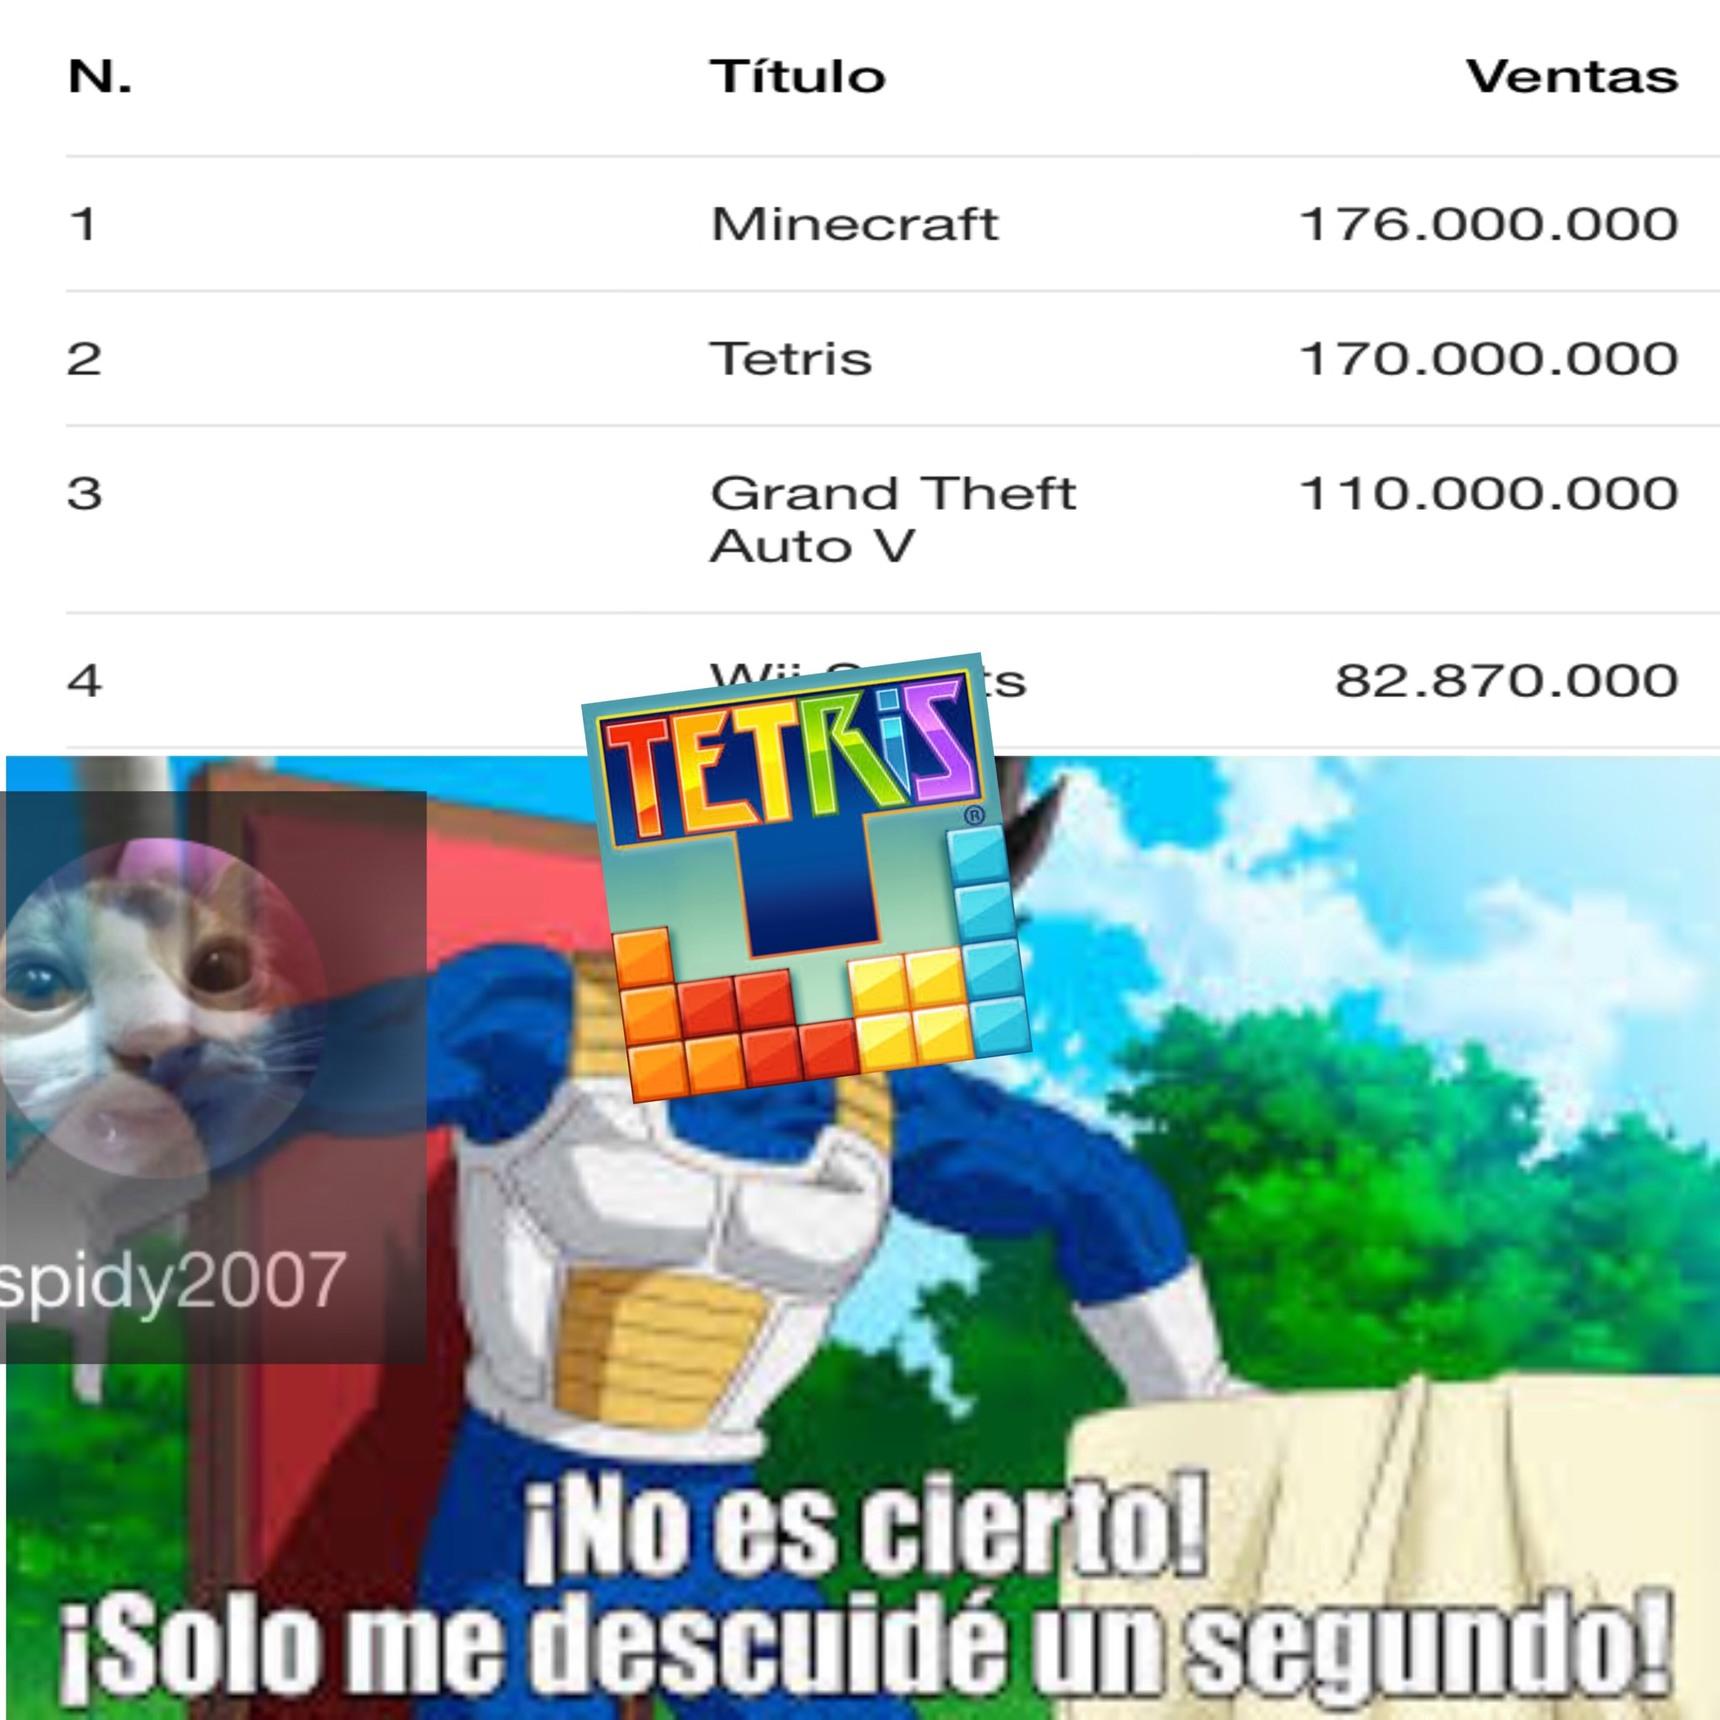 antes el Tetris era más vendido que el Minecraft - meme